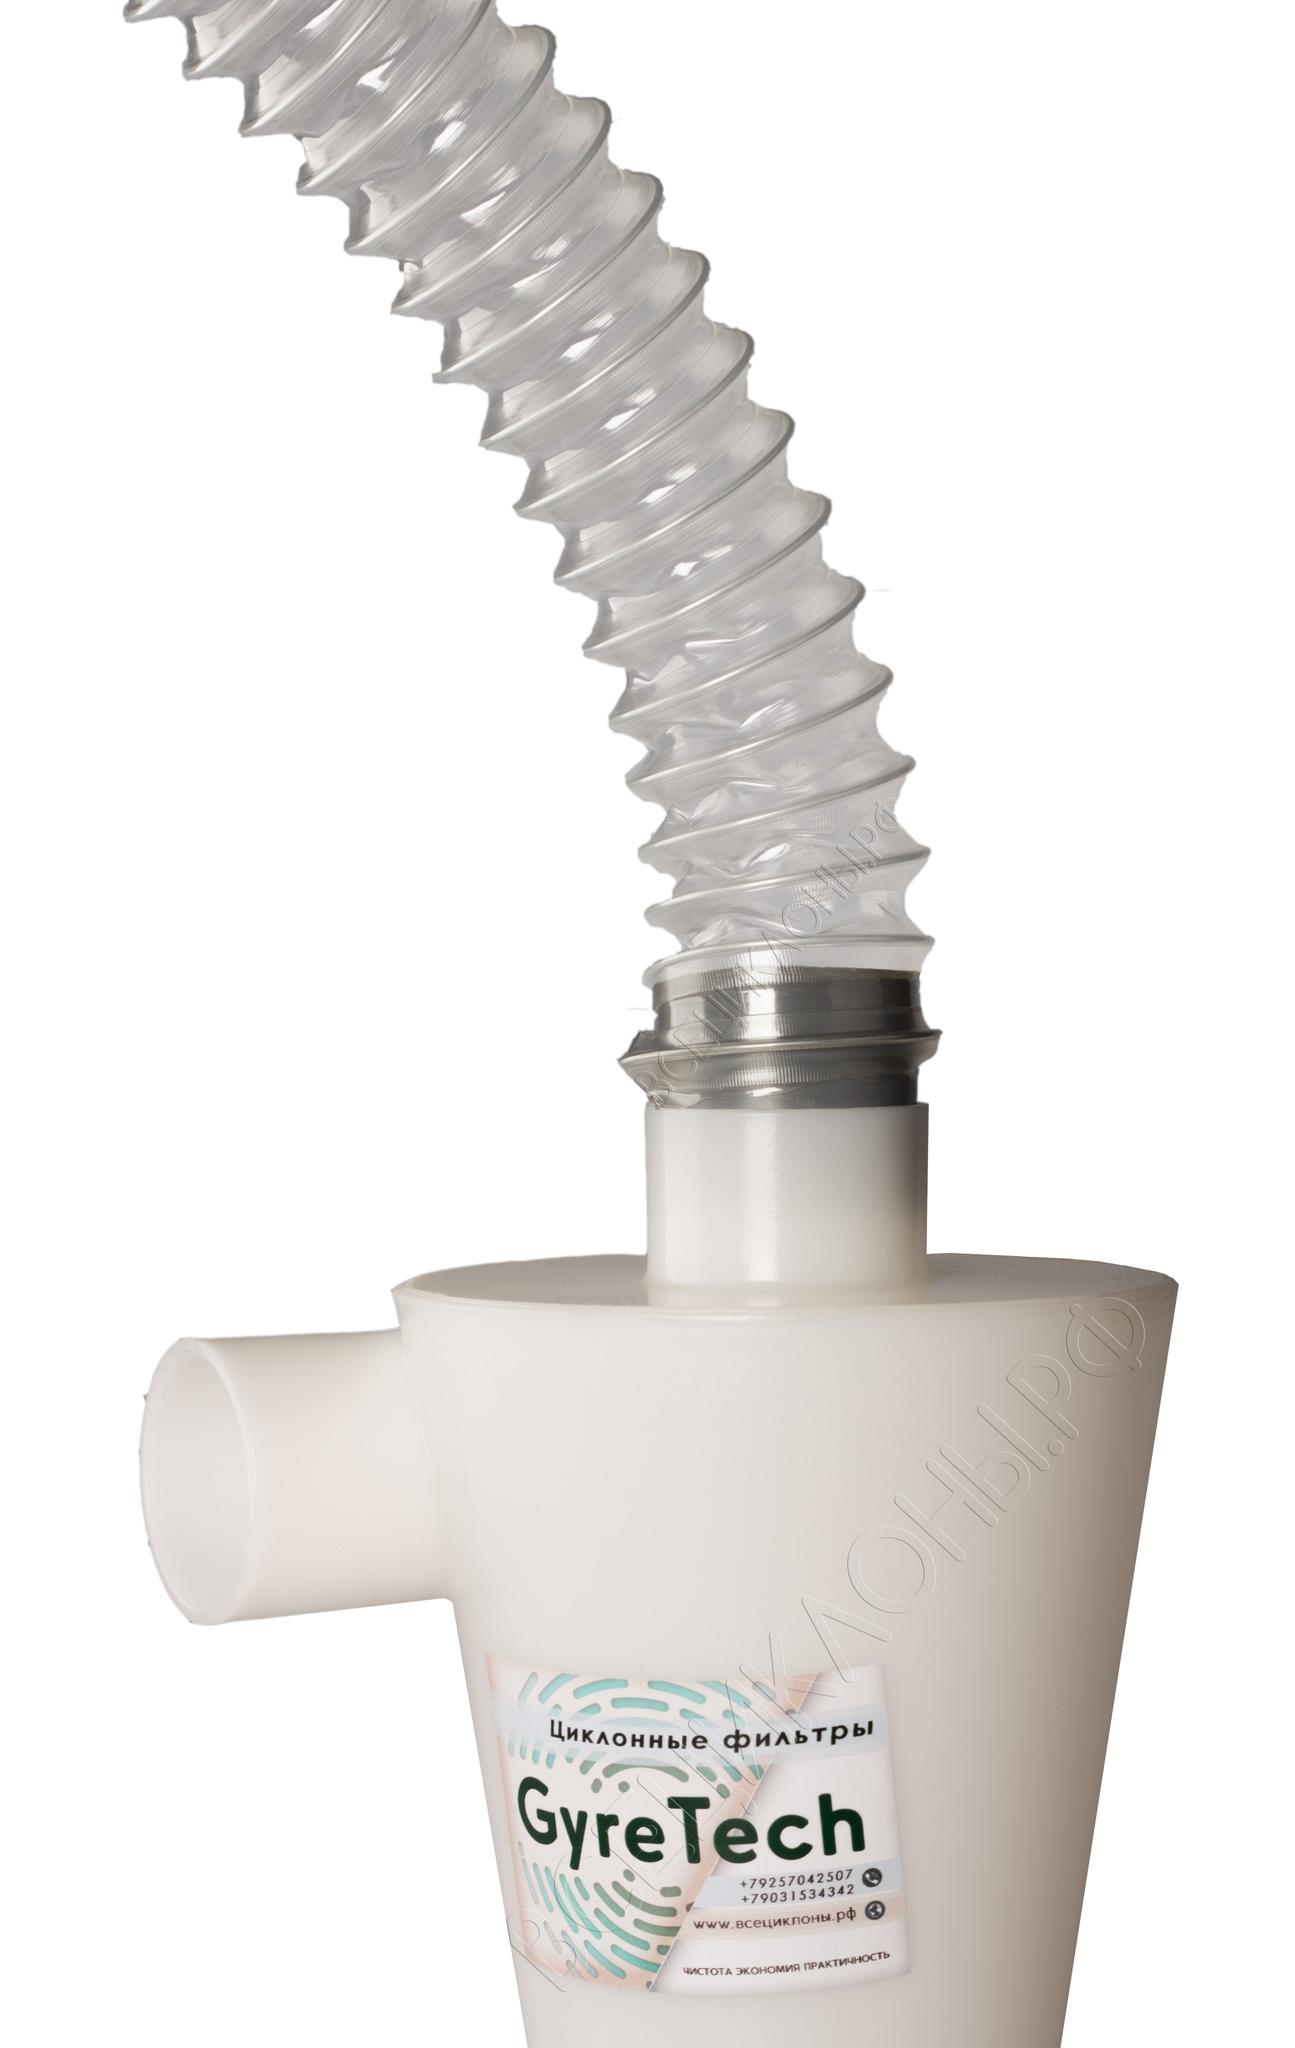 Пример подключения шланга к циклонному фильтру М-1через трубу, циклонный фильтр и труба продаются отдельно